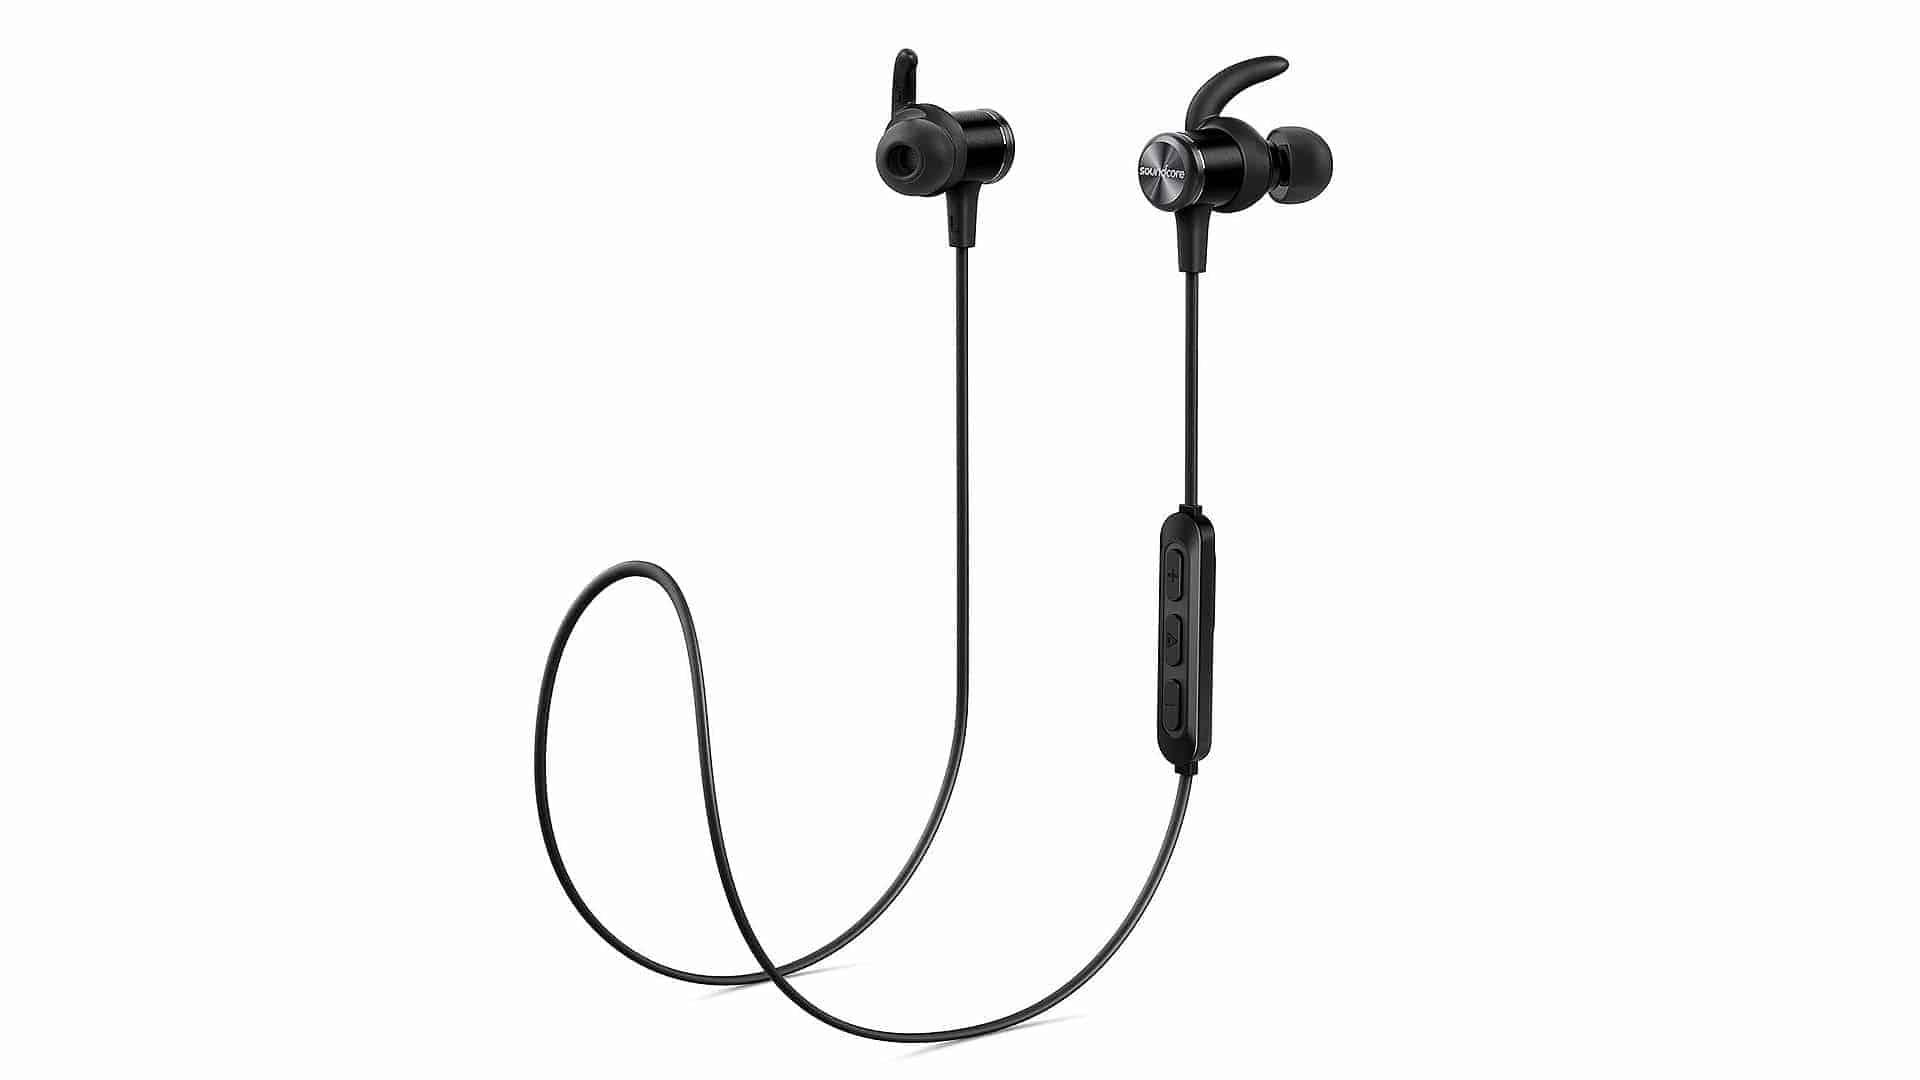 【無線運動藍牙耳機推薦】2019年10款最佳無線耳機精選-TechTeller (科技說)